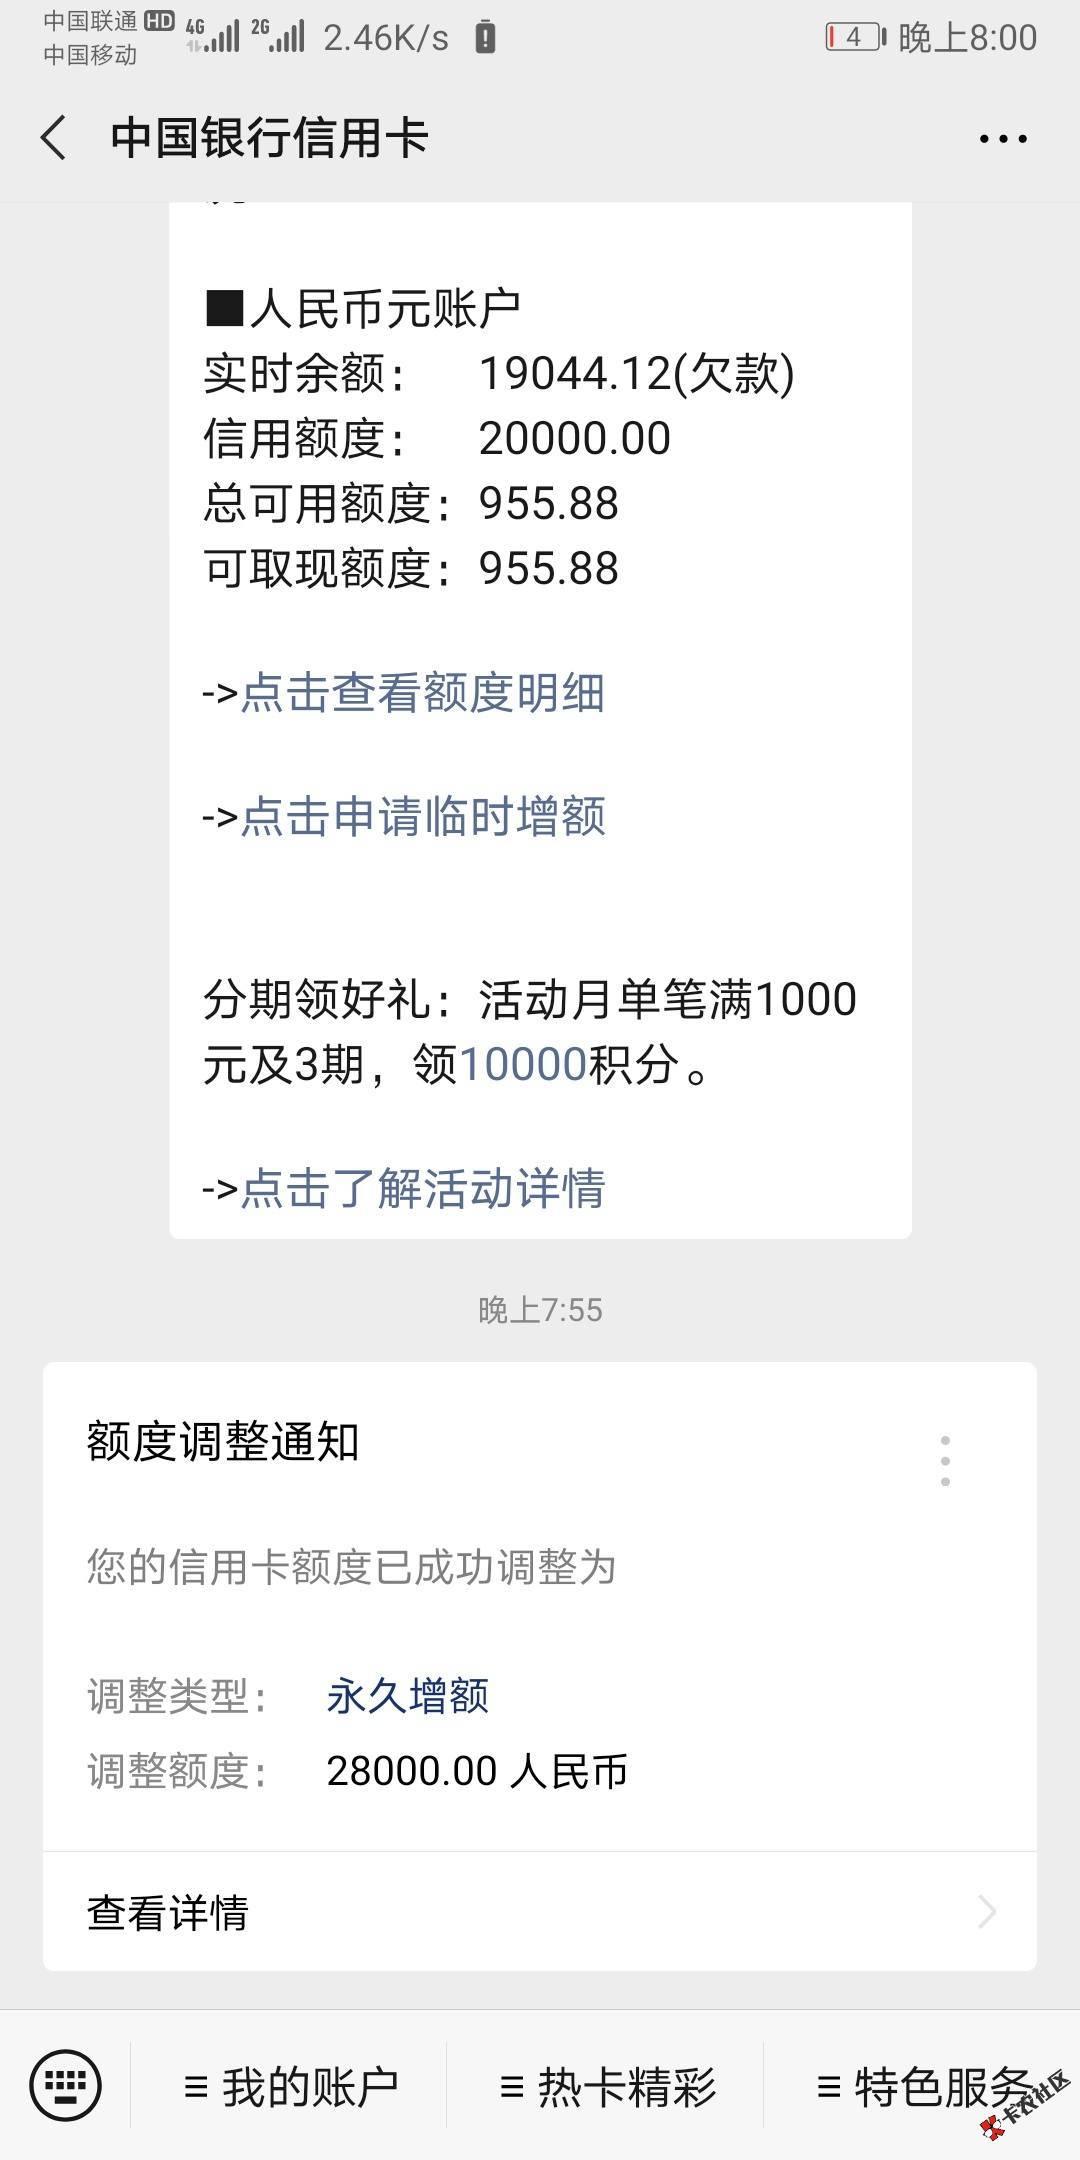 中国银行信用卡提固定额度!自己打电话或APP提不了的也来,成功率90%以上,最新提额通道,